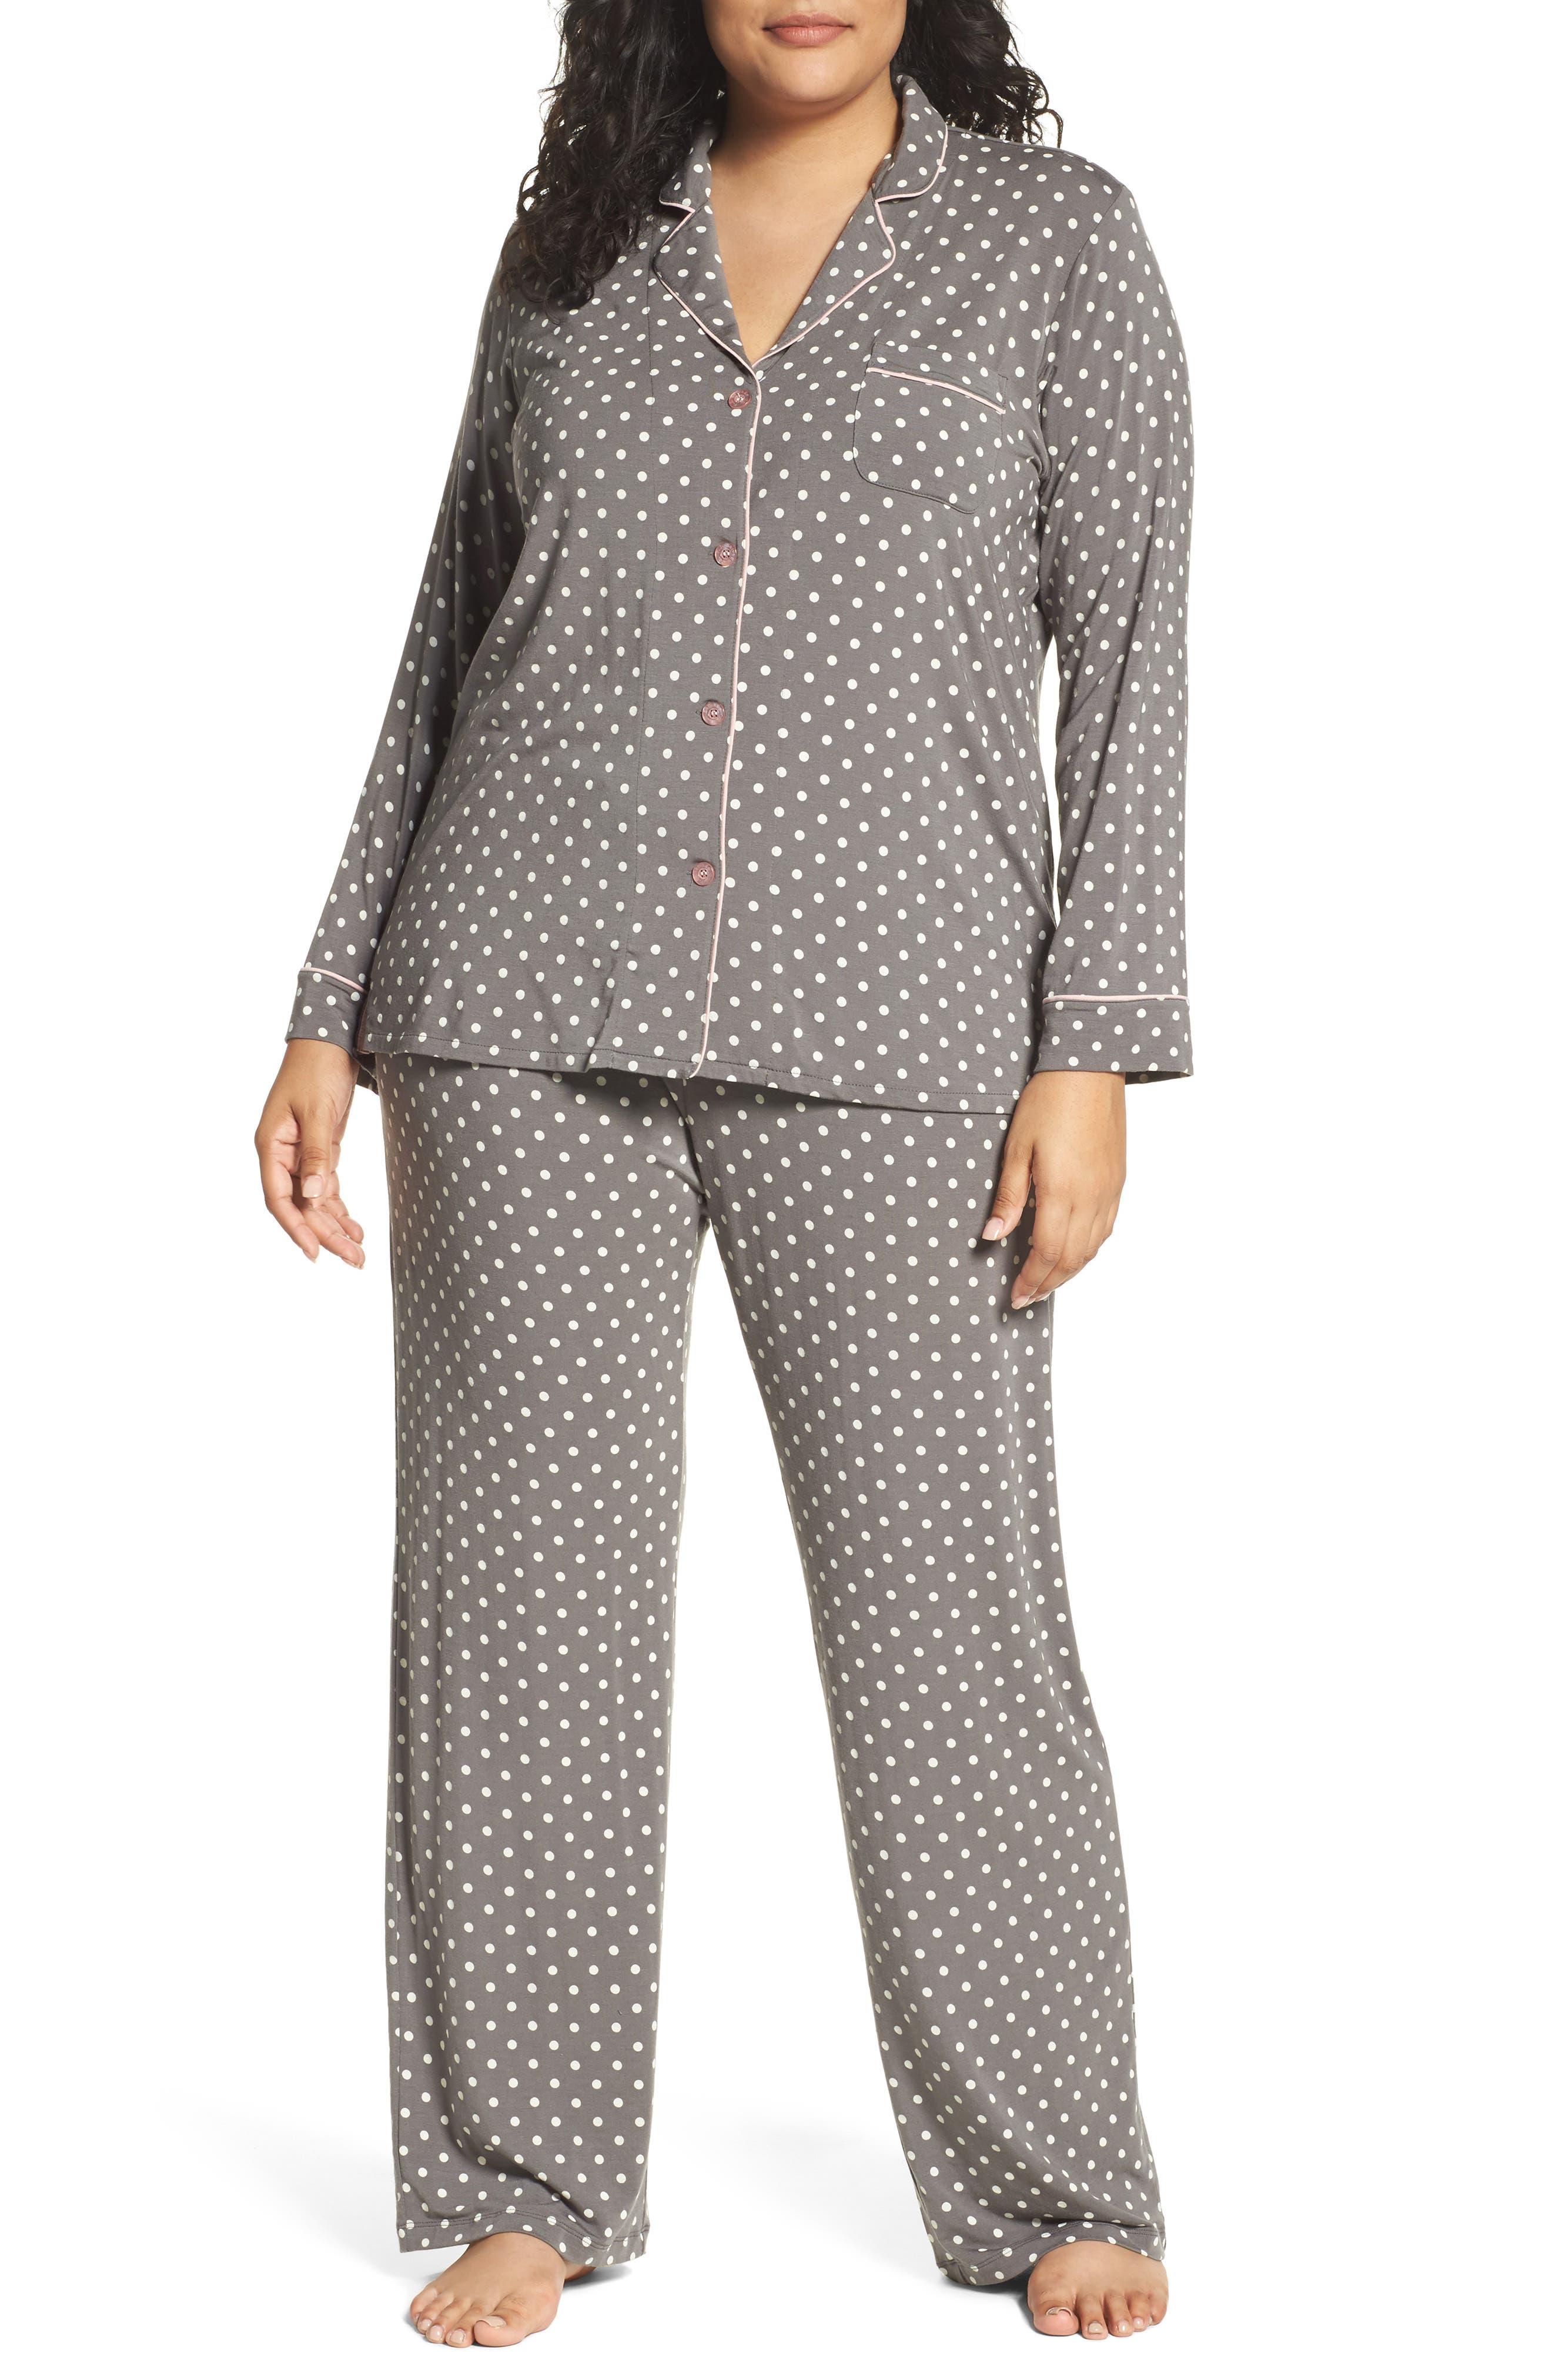 Main Image - PJ Salvage Polka Dot Pajamas (Plus Size)